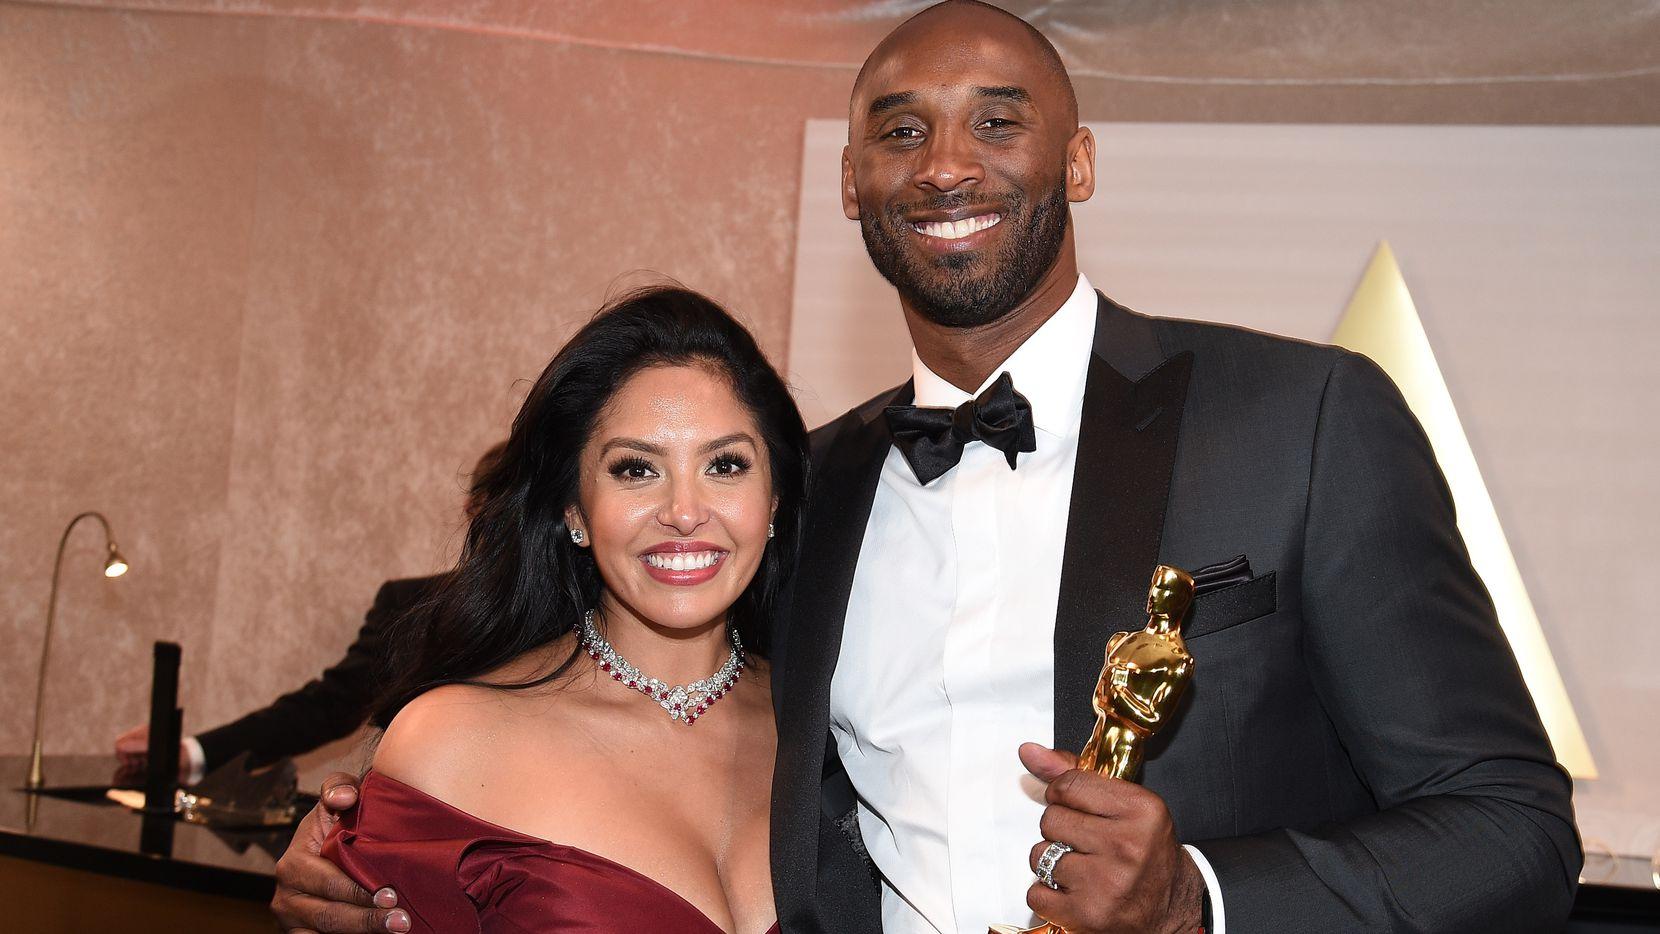 Kobe Bryant abraza a su esposa Vanessa durante la entrega de los premios Oscar, el 4 de marzo de 2018 en el Hollywood & Highland Center de Los Ángeles.